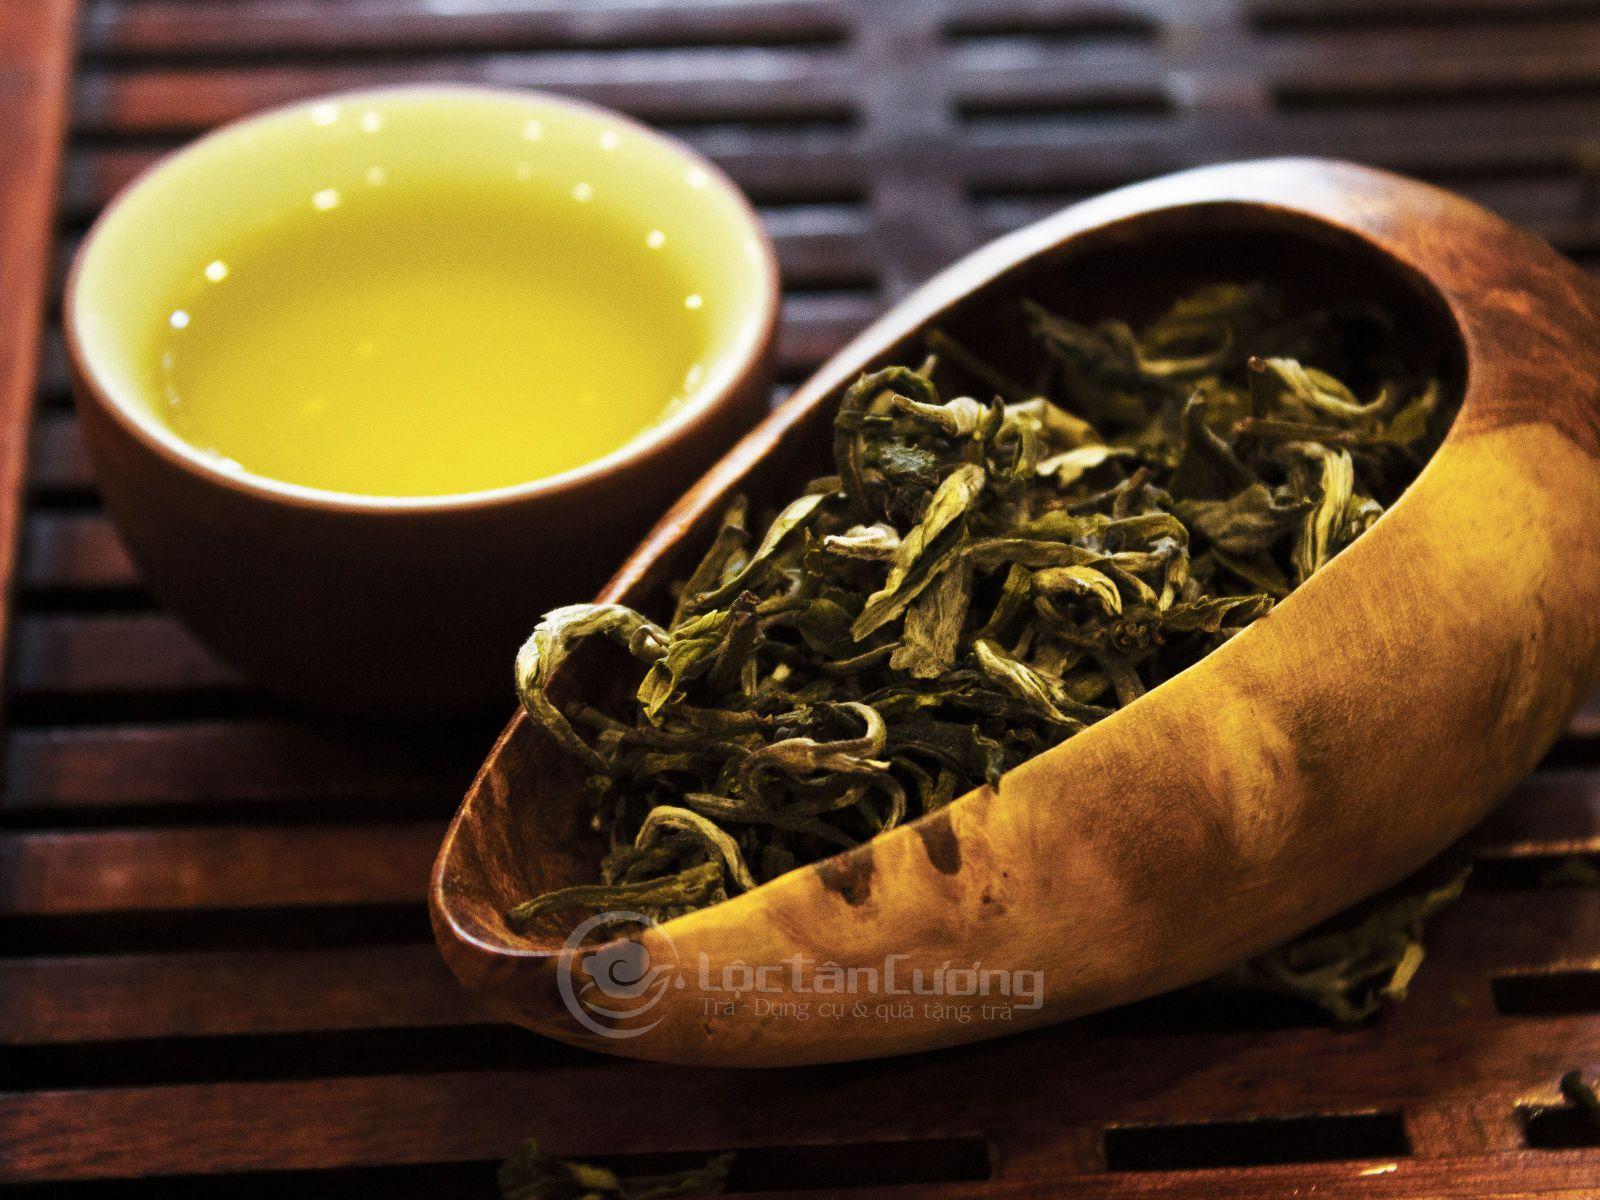 Trà Shan Tuyết Cổ Thụ Tà Xùa có hương thơm của núi rừng, vị chát thanh dịu, hậu ngọt thanh sâu rất ngon và dễ chịu khi thưởng thức